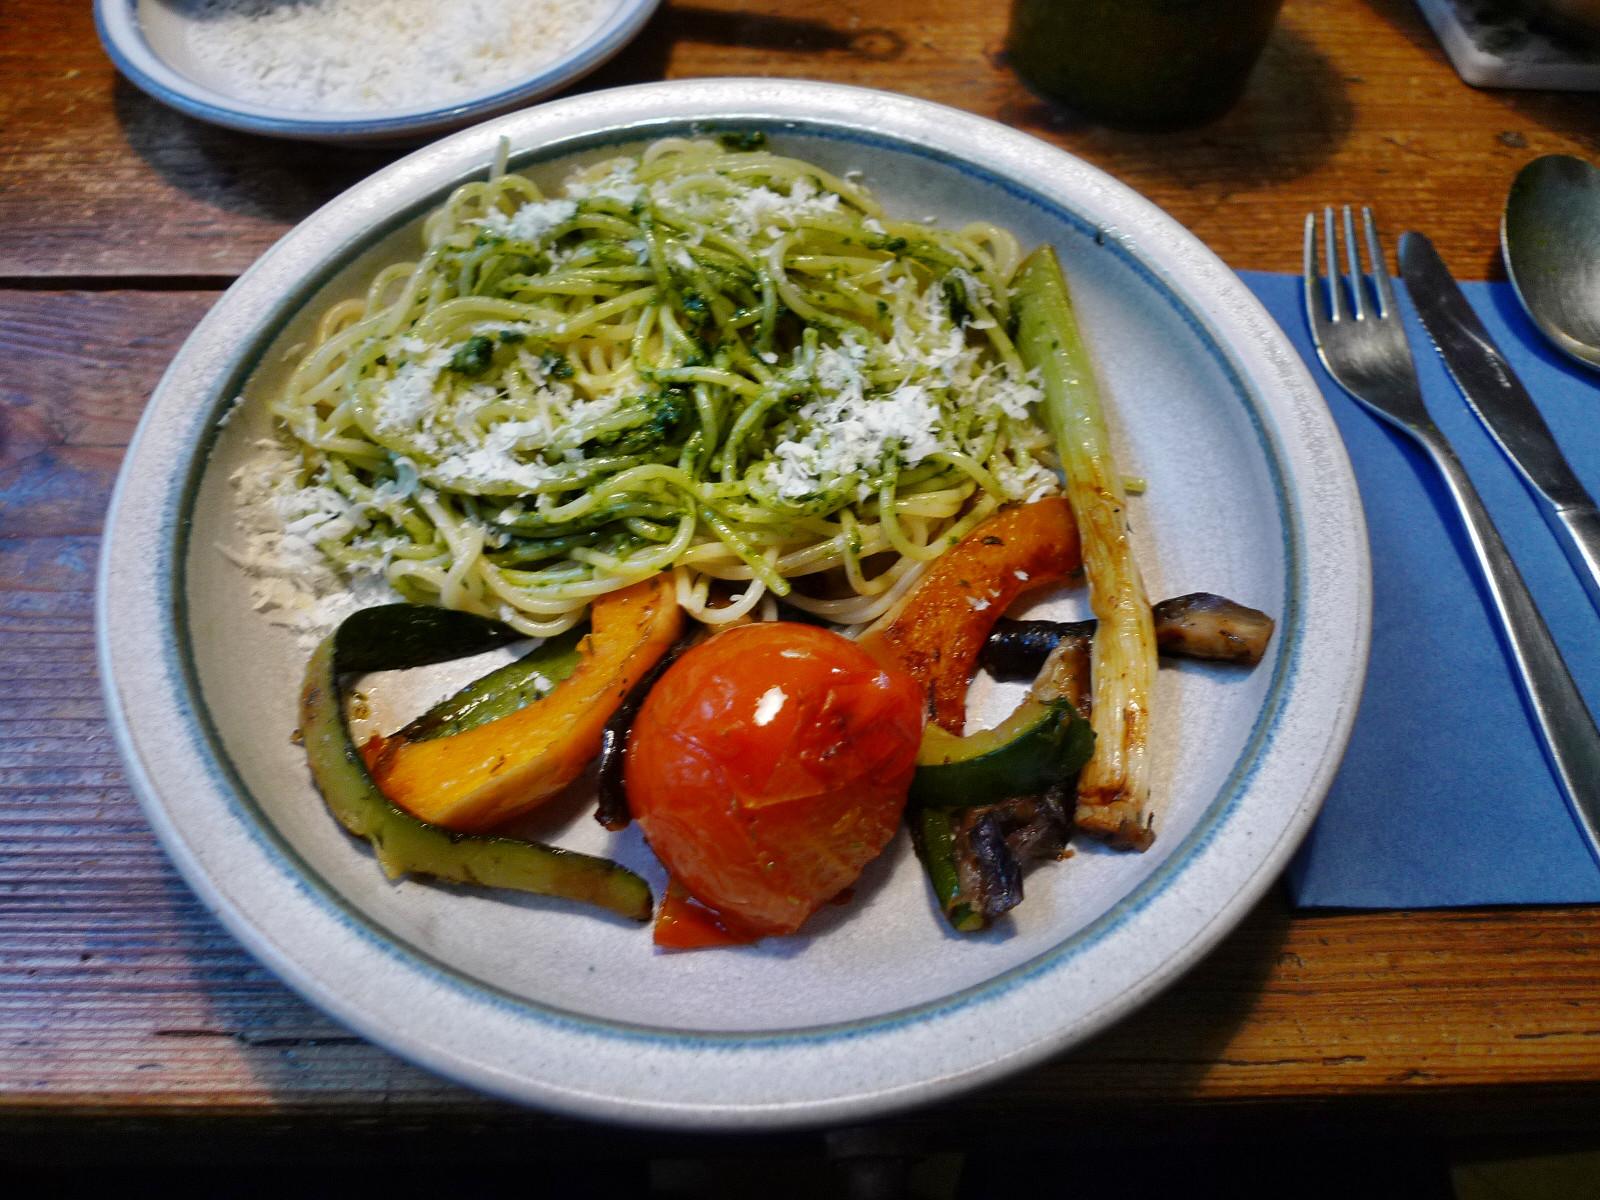 Nudeln mit Bärlauchpesto,Gemüse-4.12.14   (8)